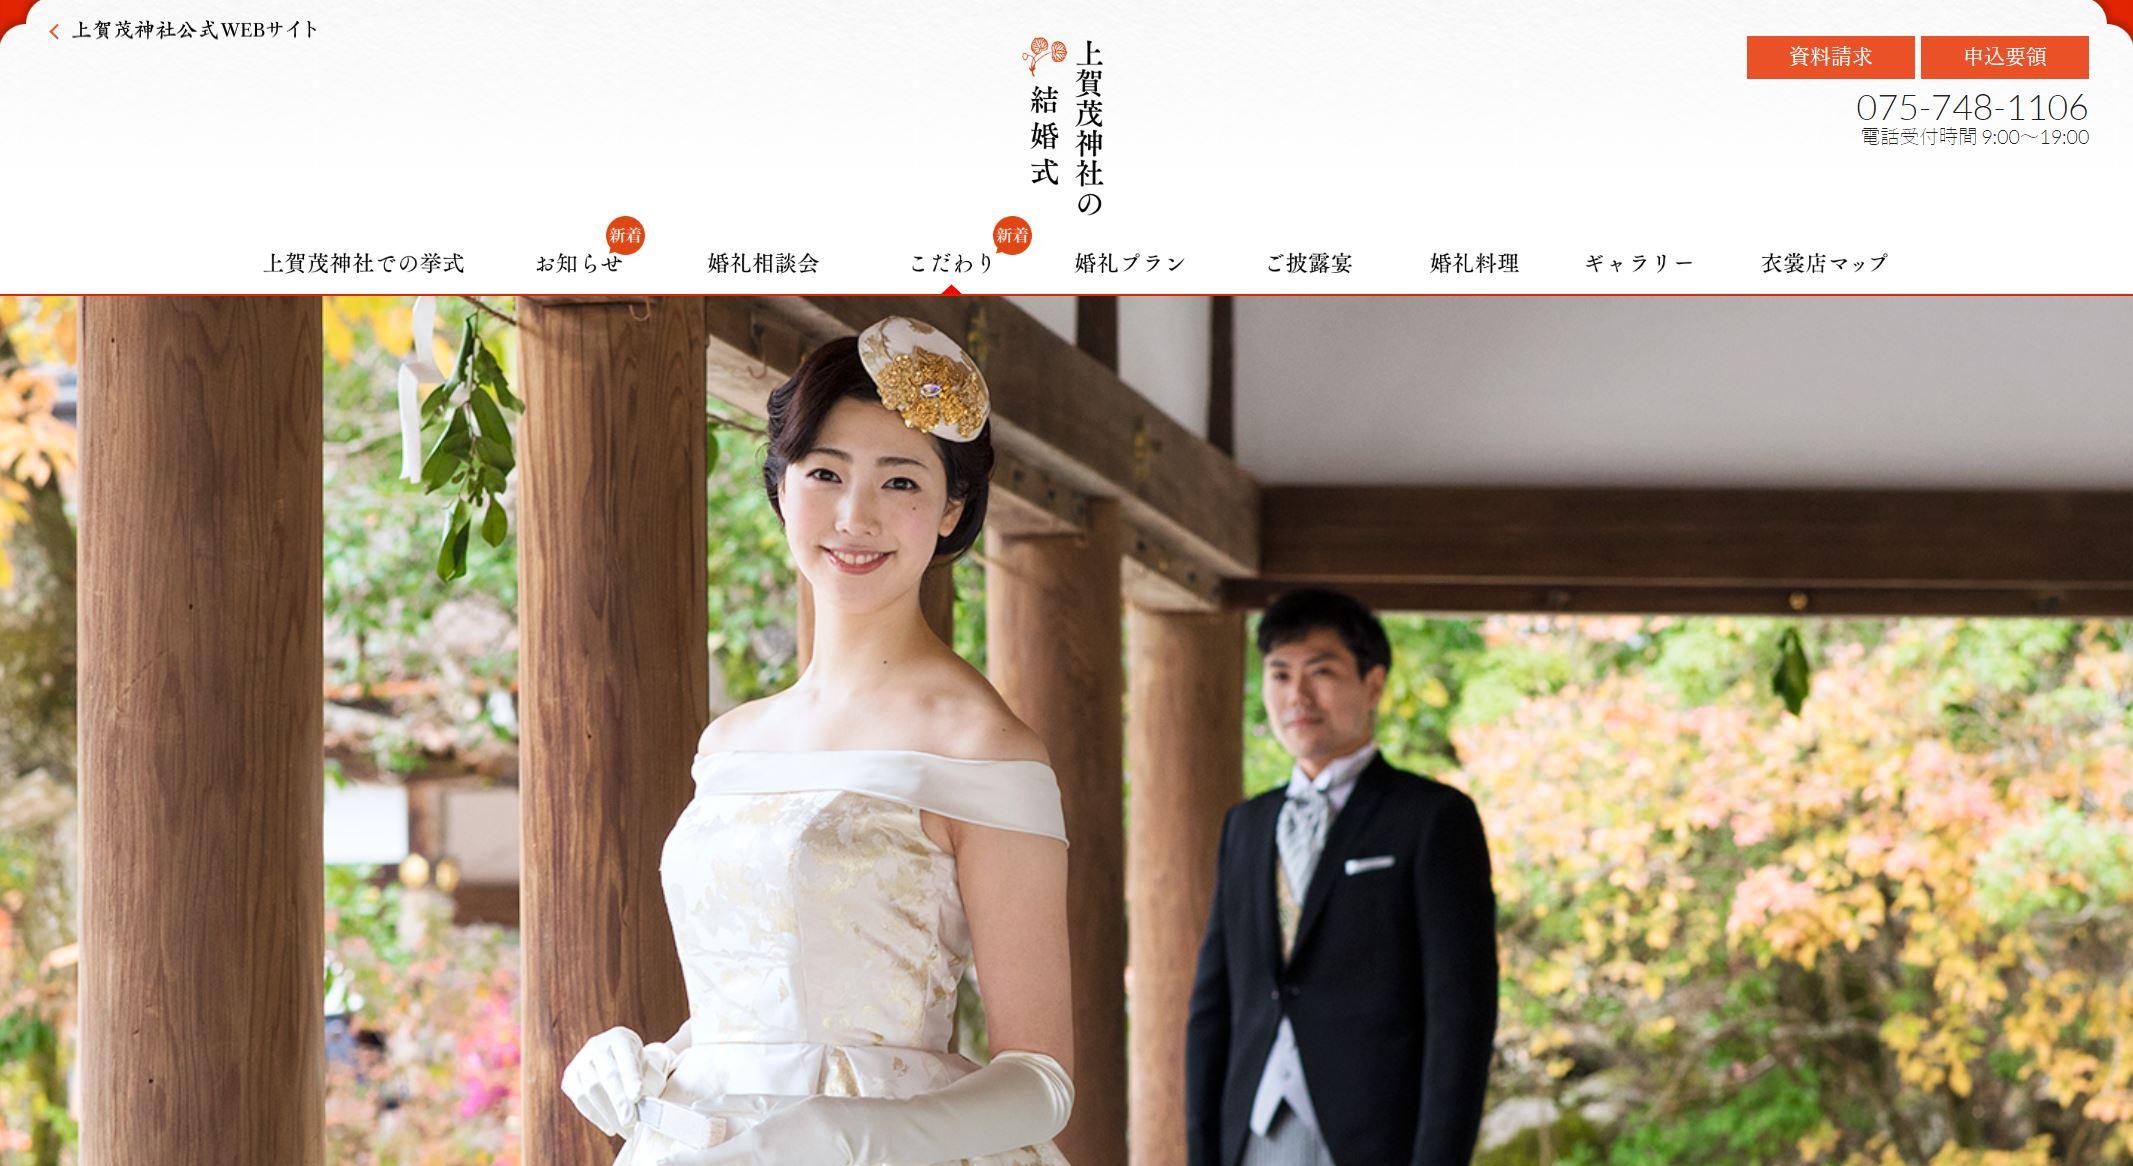 上賀茂神社で結婚式